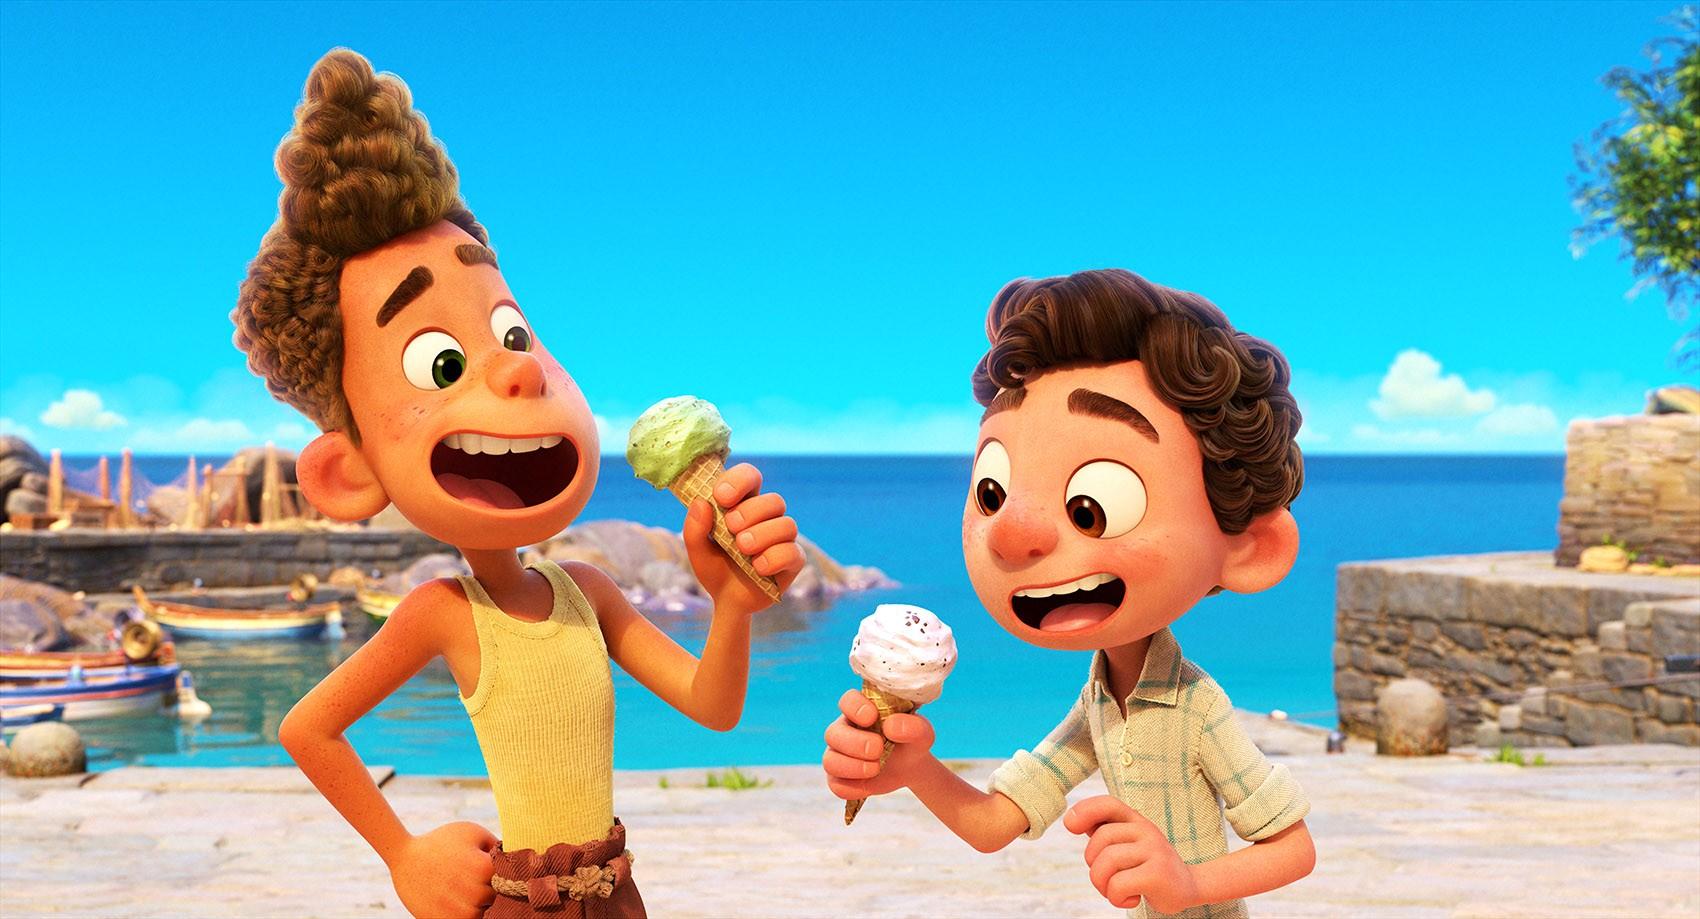 Animação do filme Luca